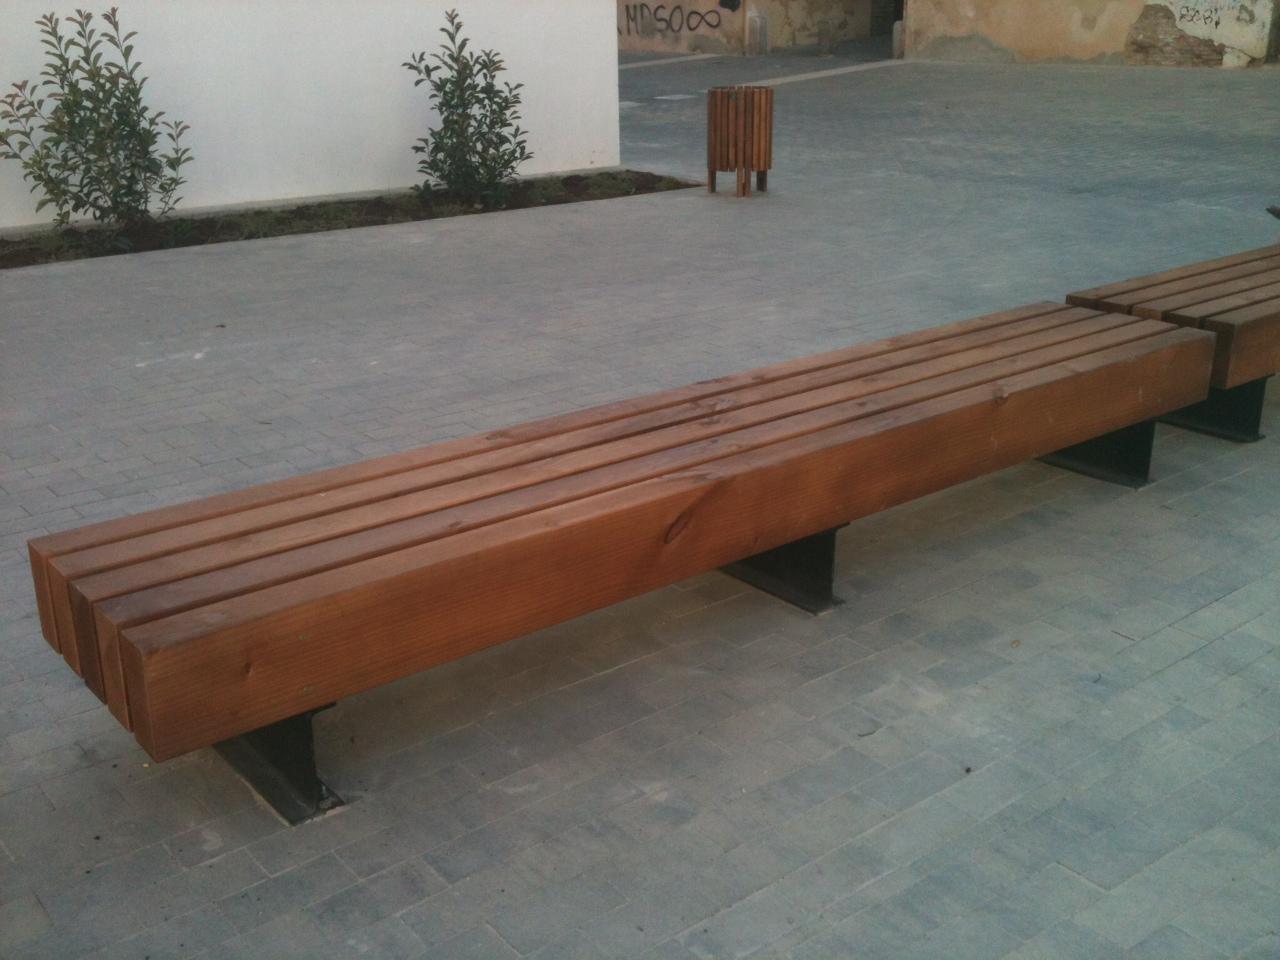 Cuidamos de tus muebles de exterior desde su origen - Muebles exterior madera ...